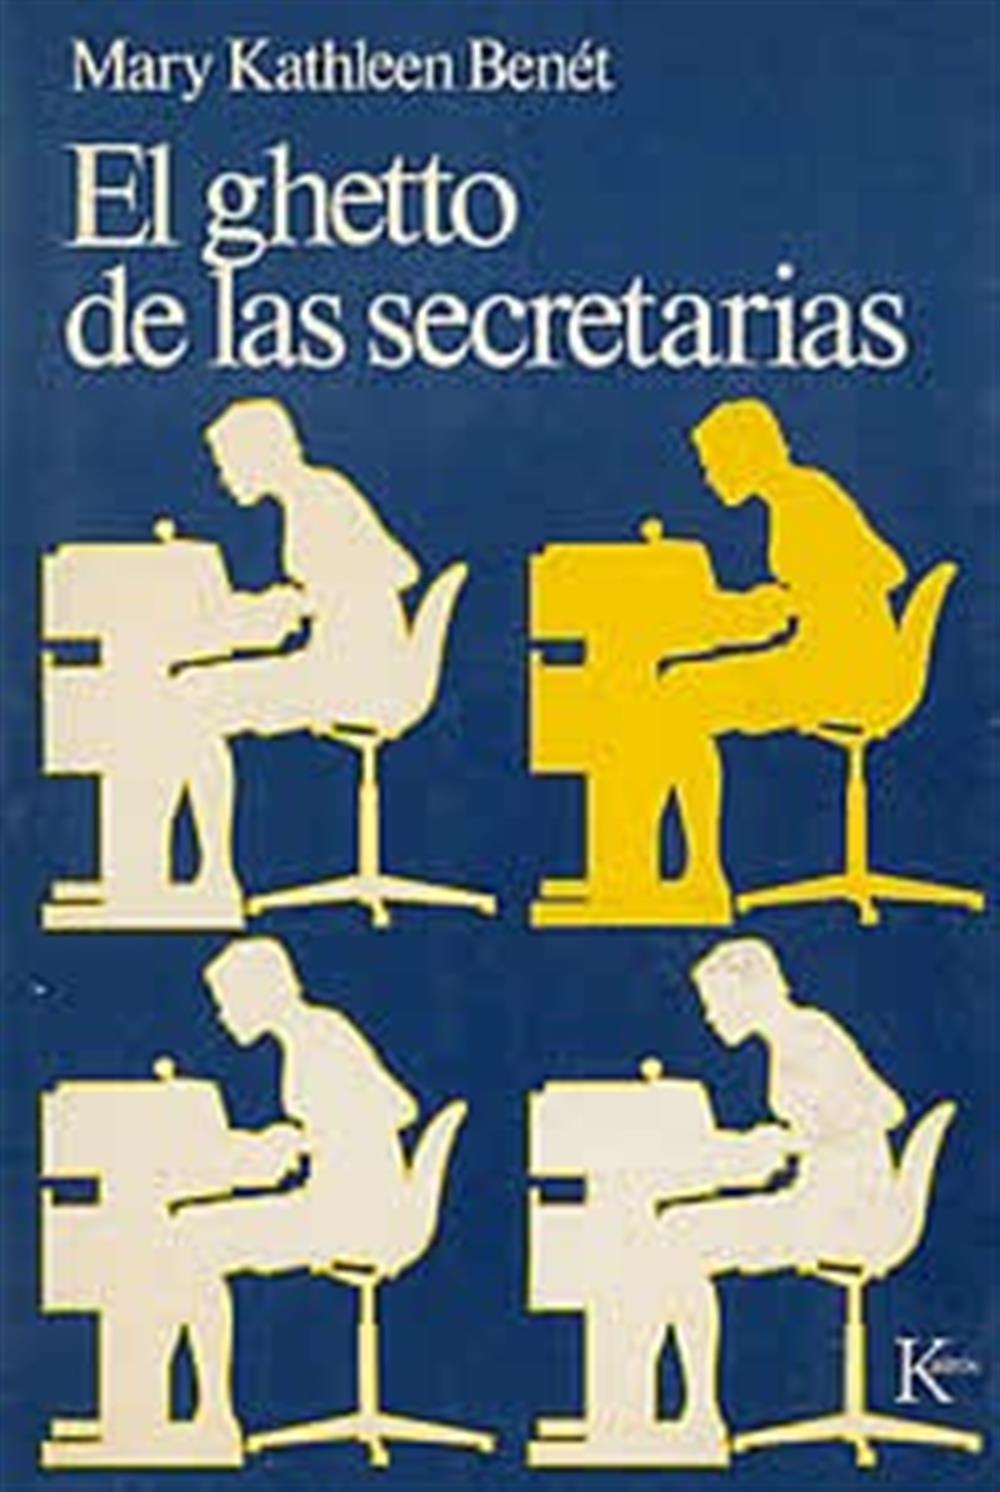 El ghetto de las secretarias